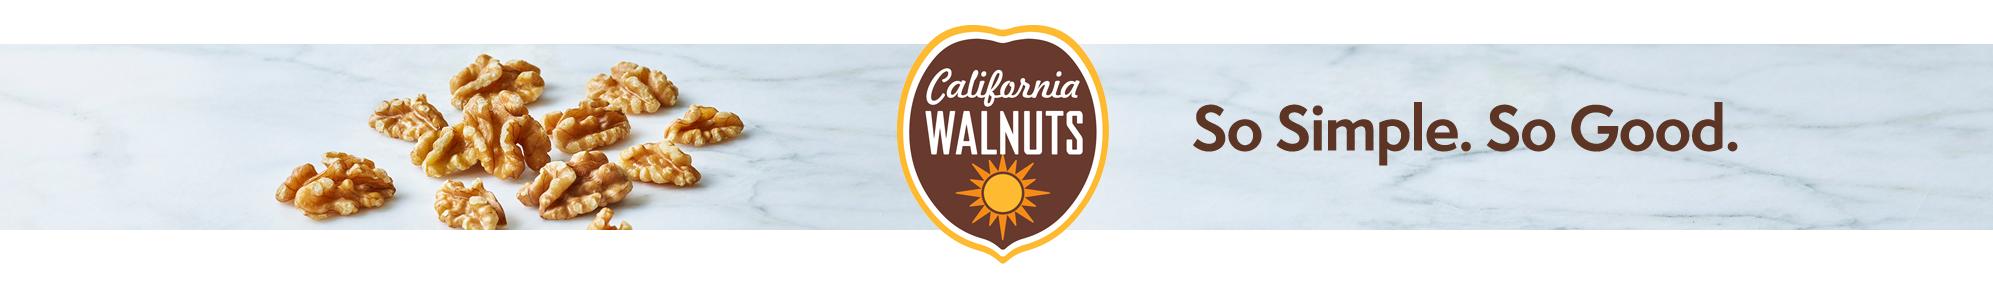 California Walnuts